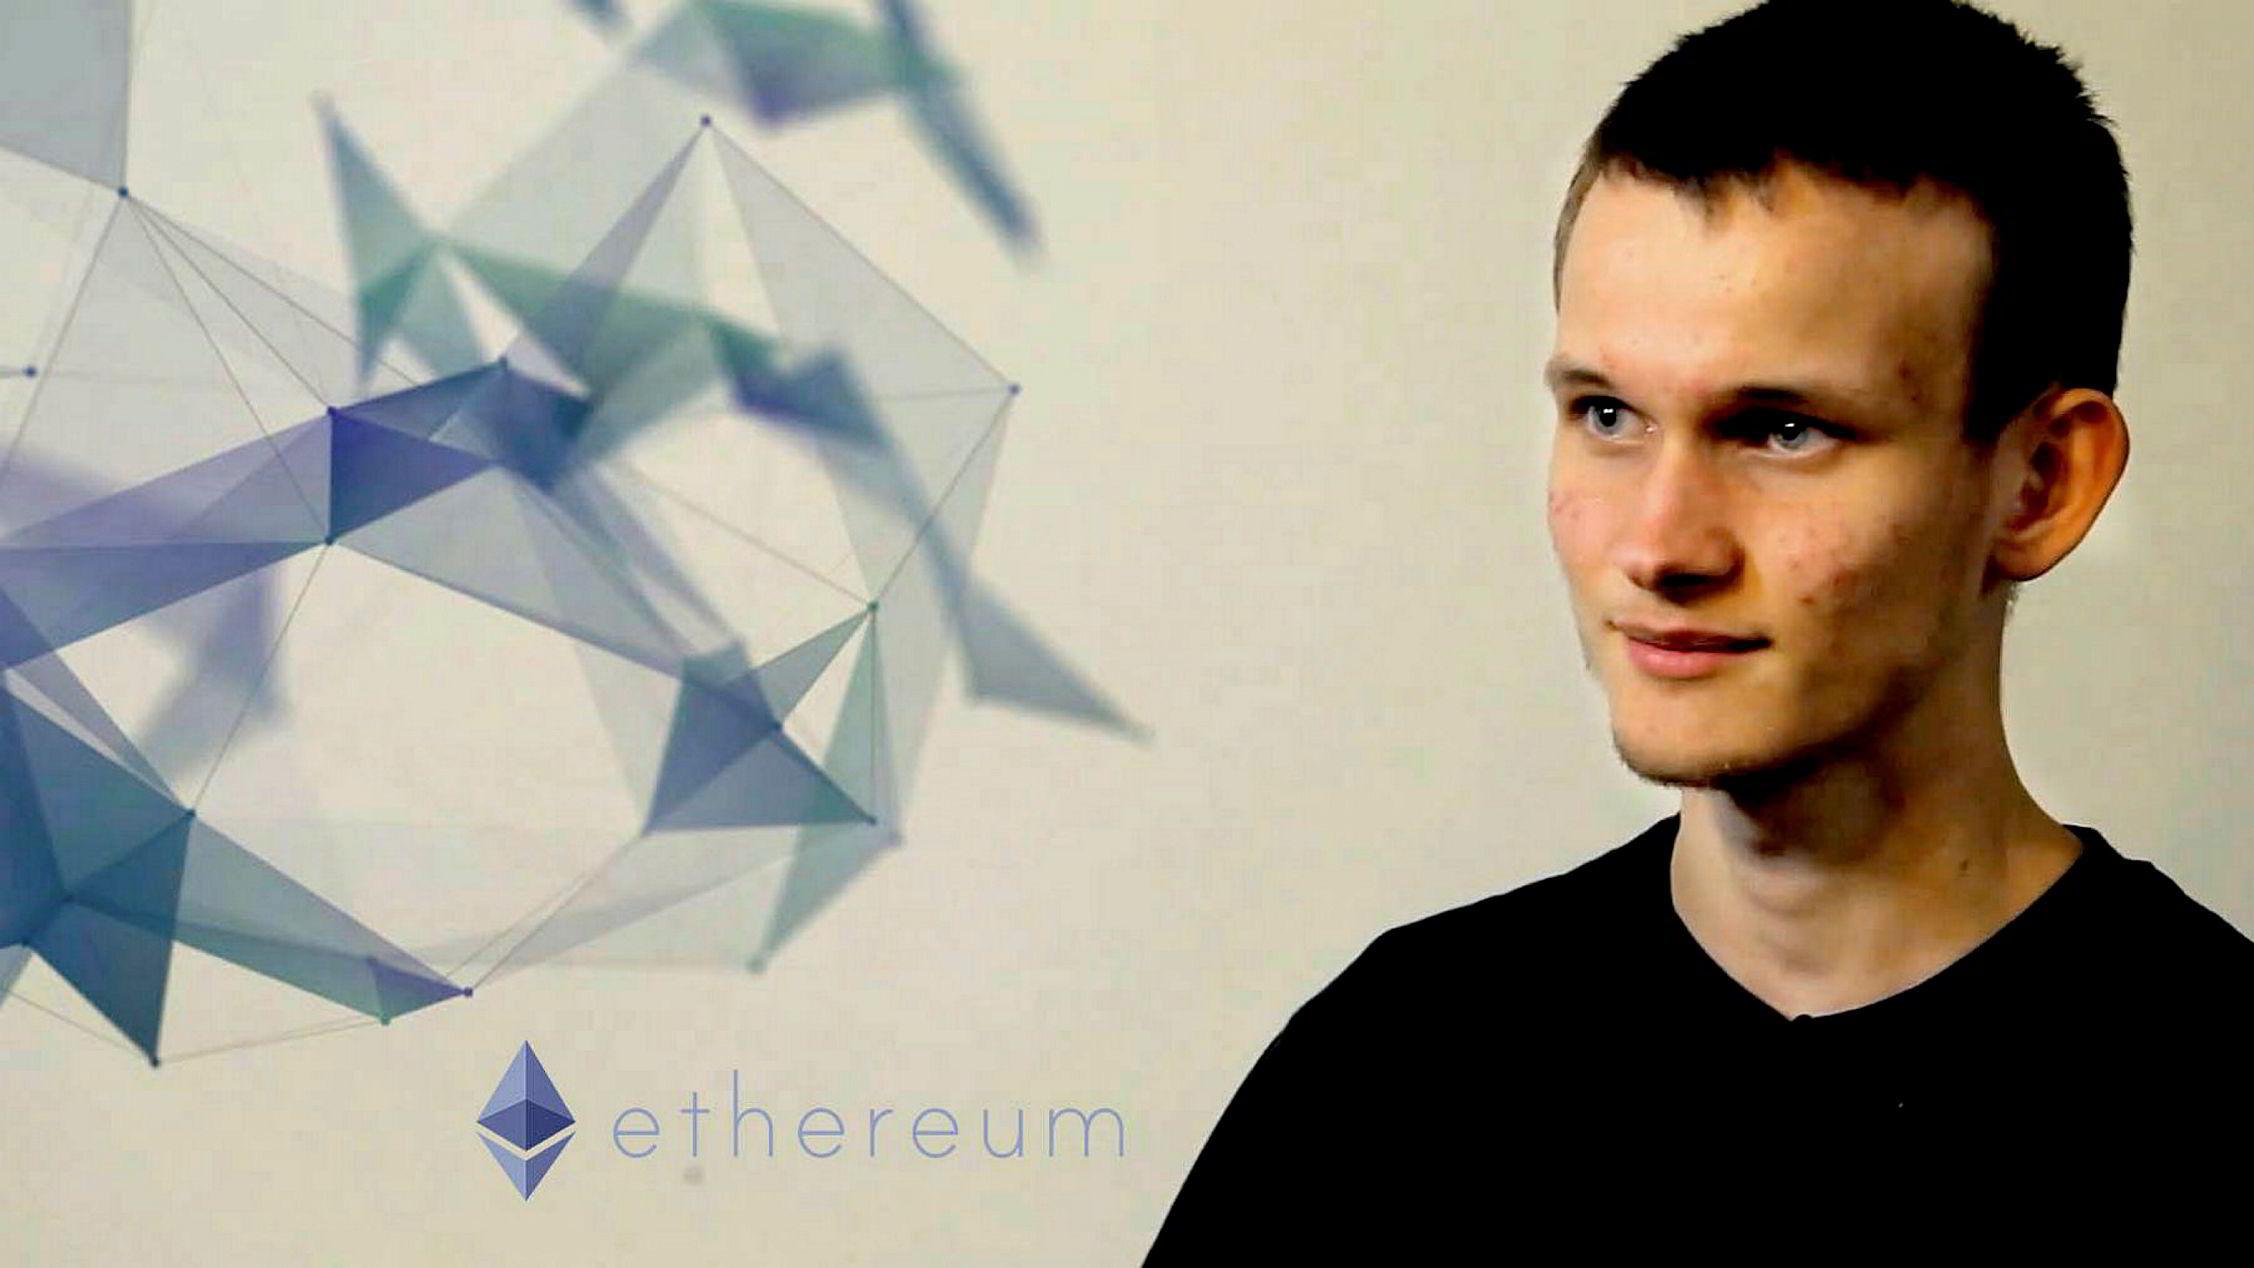 Vitalik Buterin (23) er hjernen bak digitalvalutaen Ether som skal gi mannen i gata mer kontroll. I løpet av de siste månedene er det blitt investert mange milliarder dollar i valutaen.